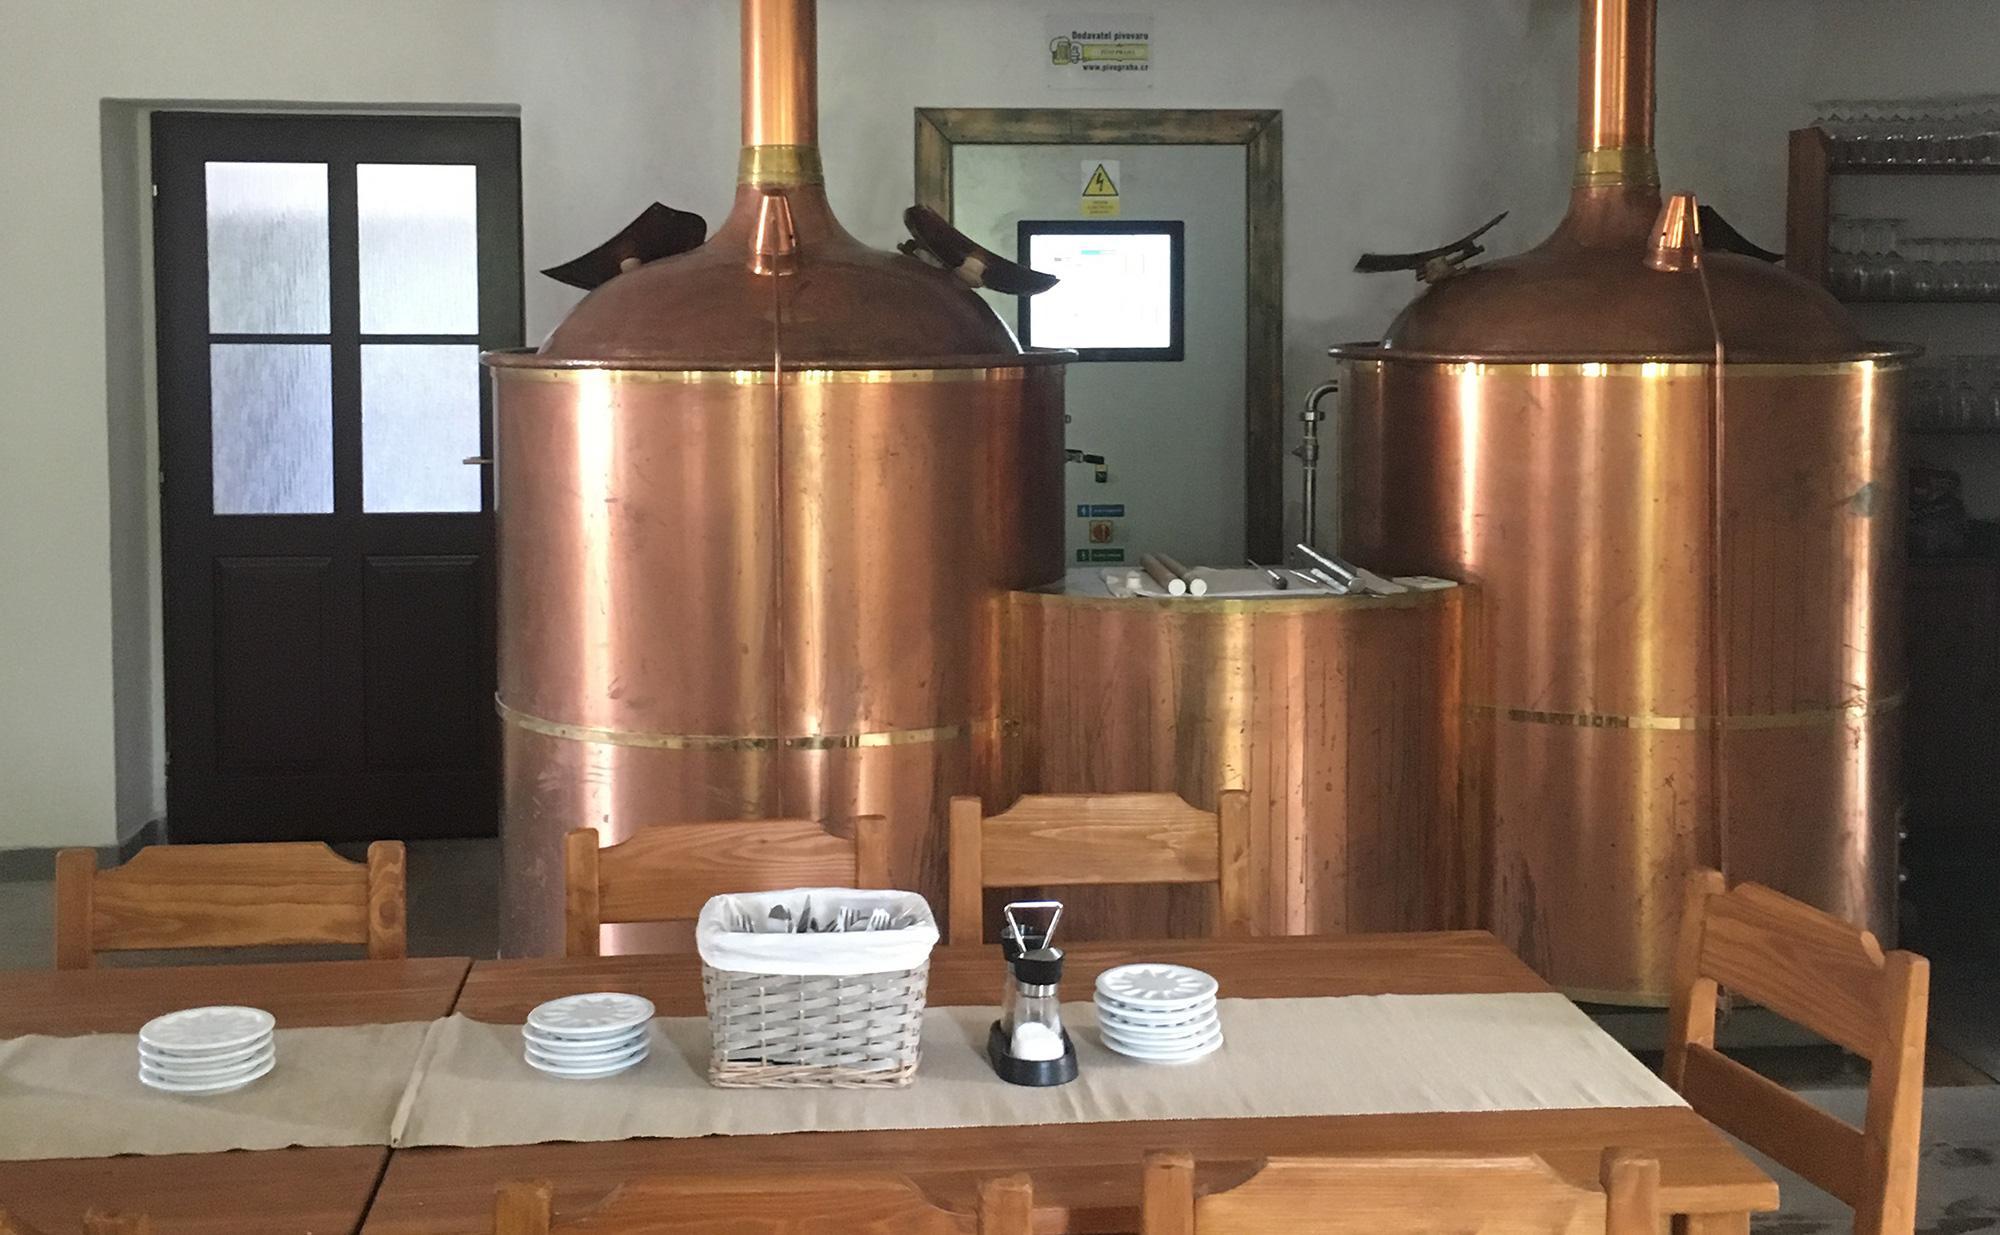 Pivovar Třebovský mlýn